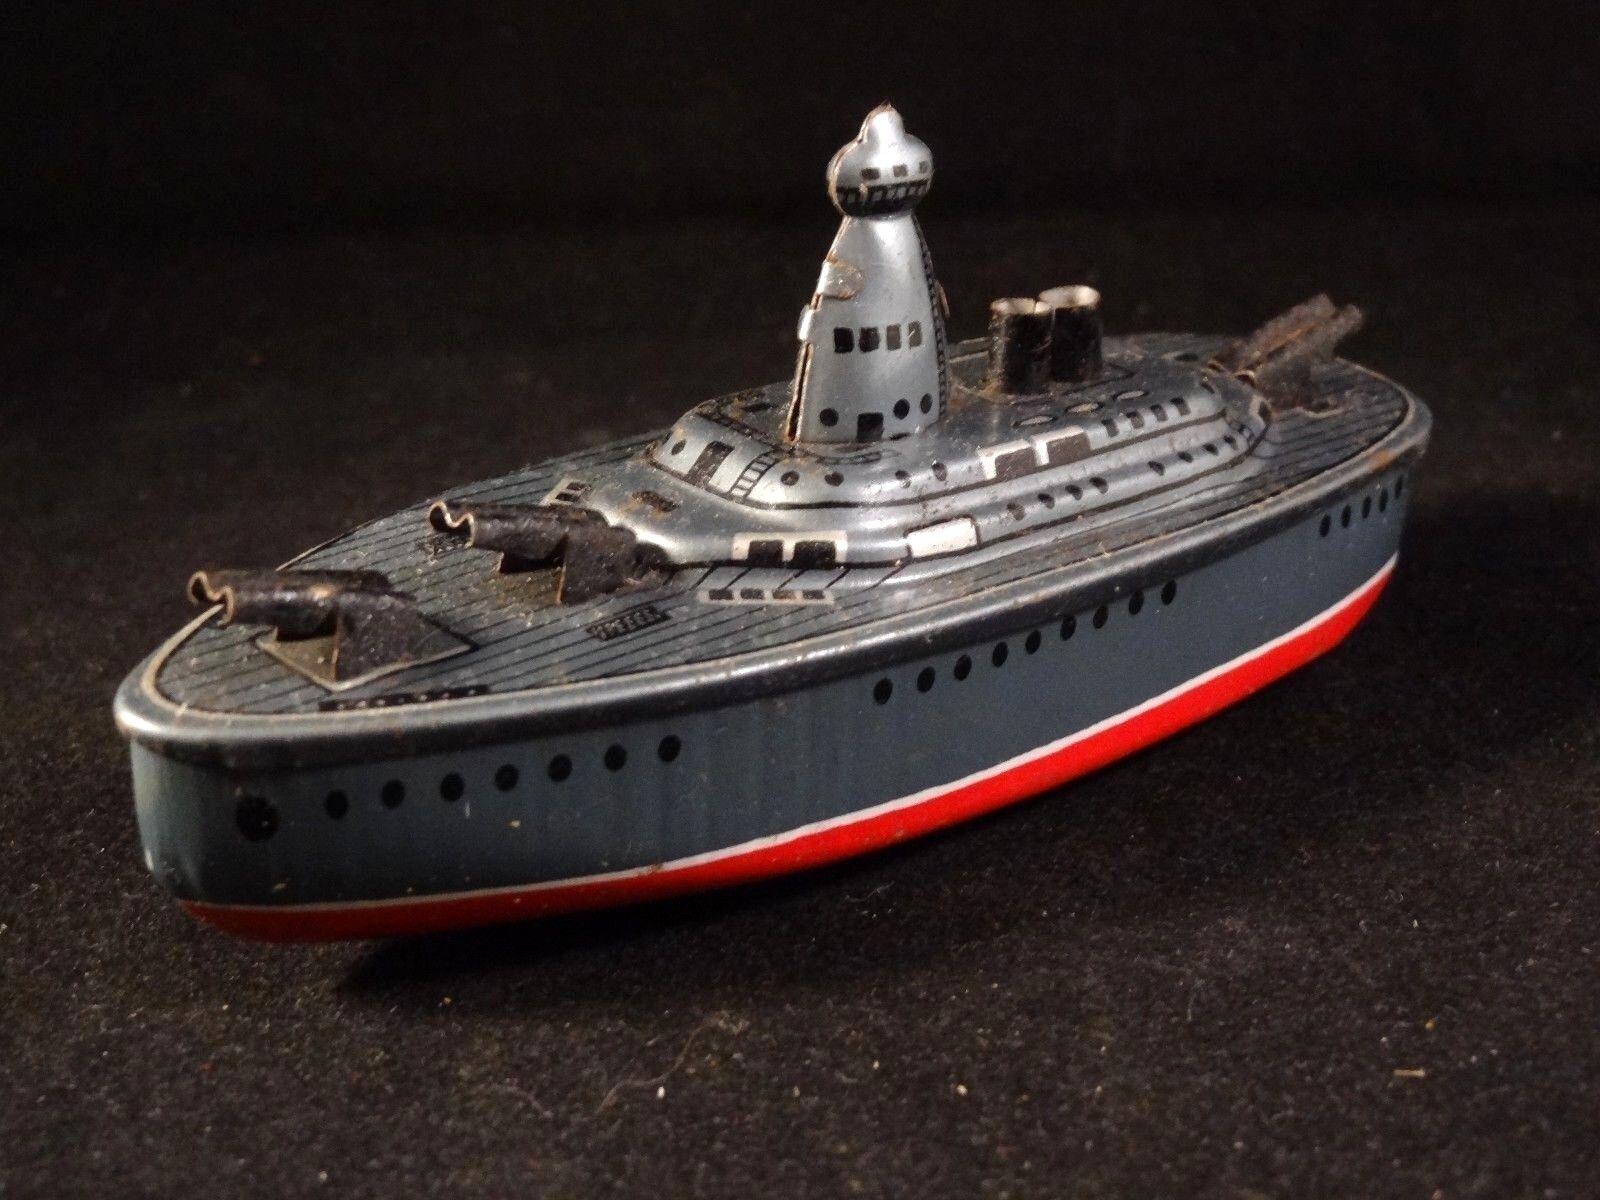 Ancien jouet bateau navire de guerre canon tôle lithographiée KK style penny toy